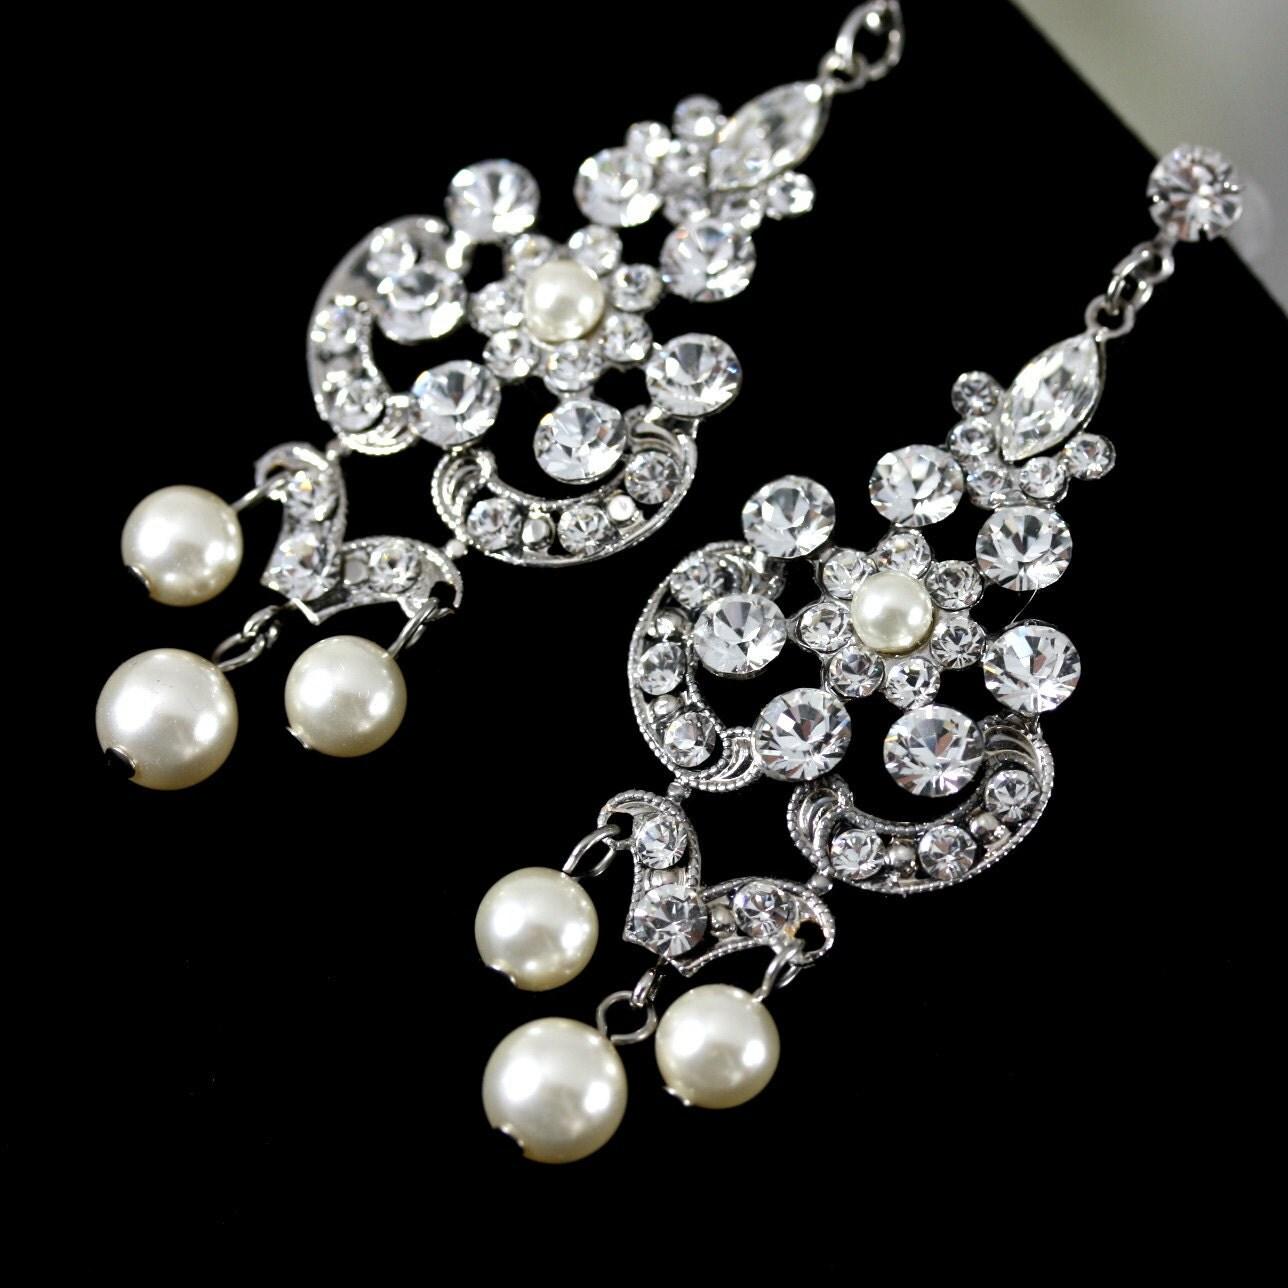 Rhinestone Pearl Chandelier Earrings Swarovski Crystals And